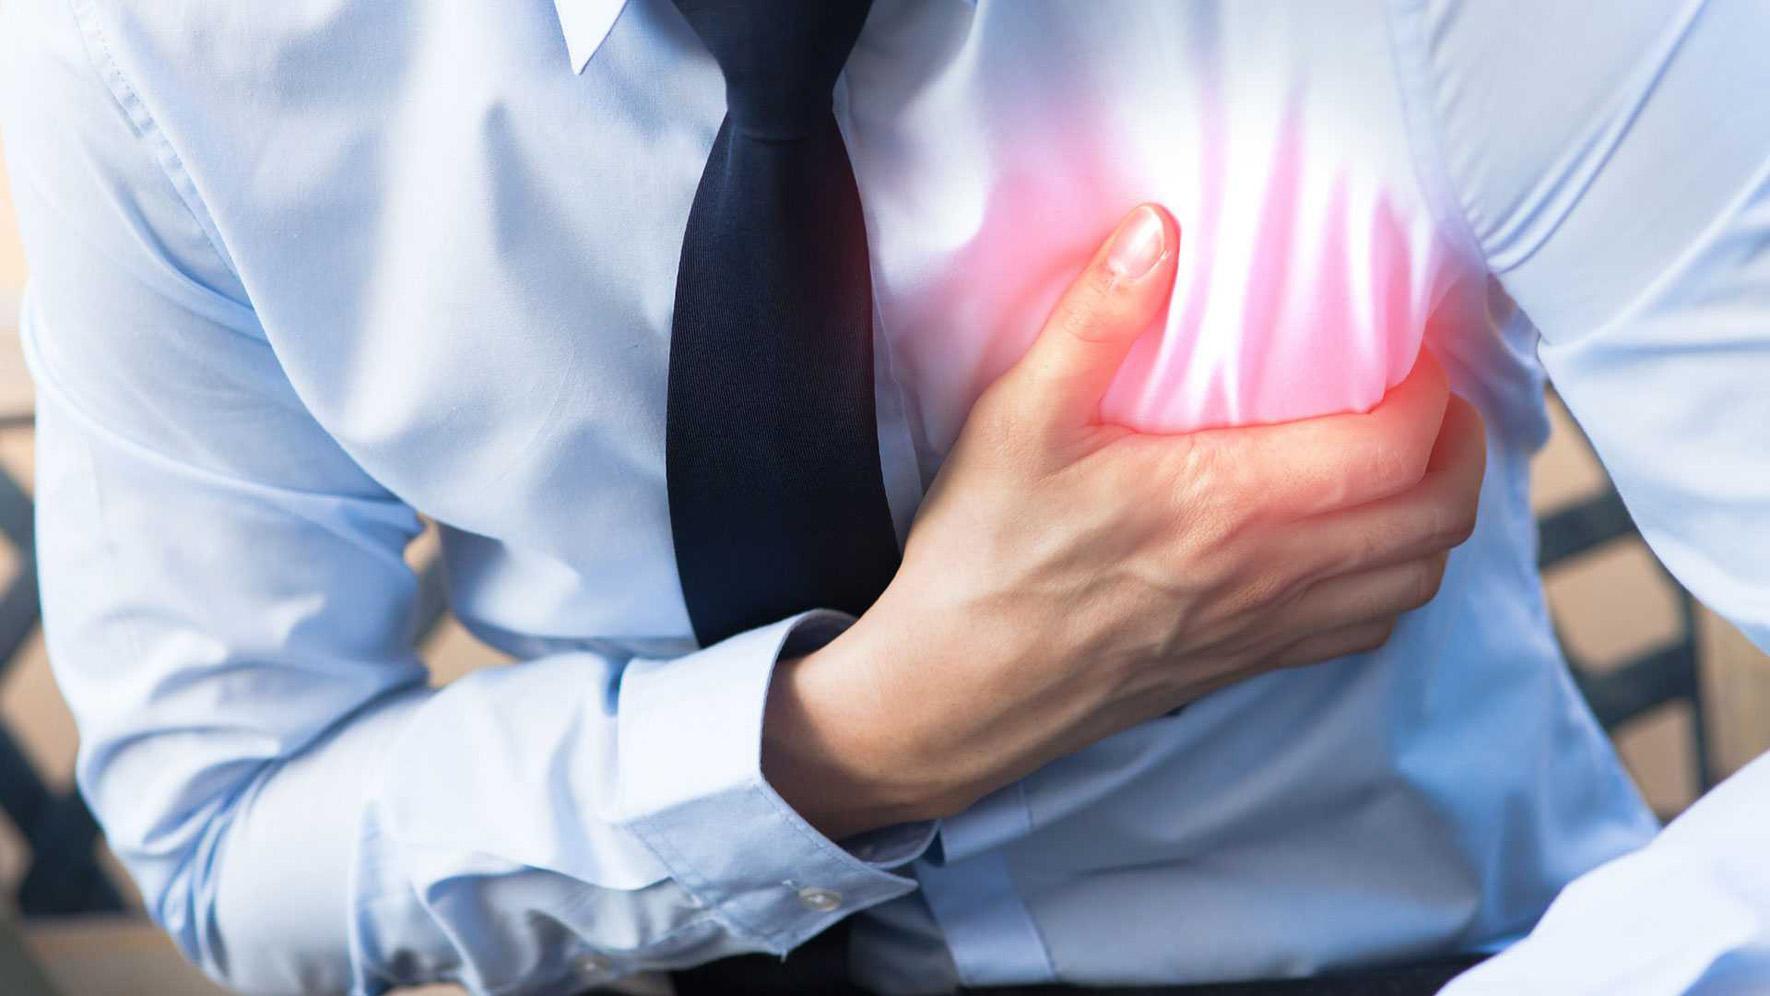 В какое время наибольший риск остановки сердца?